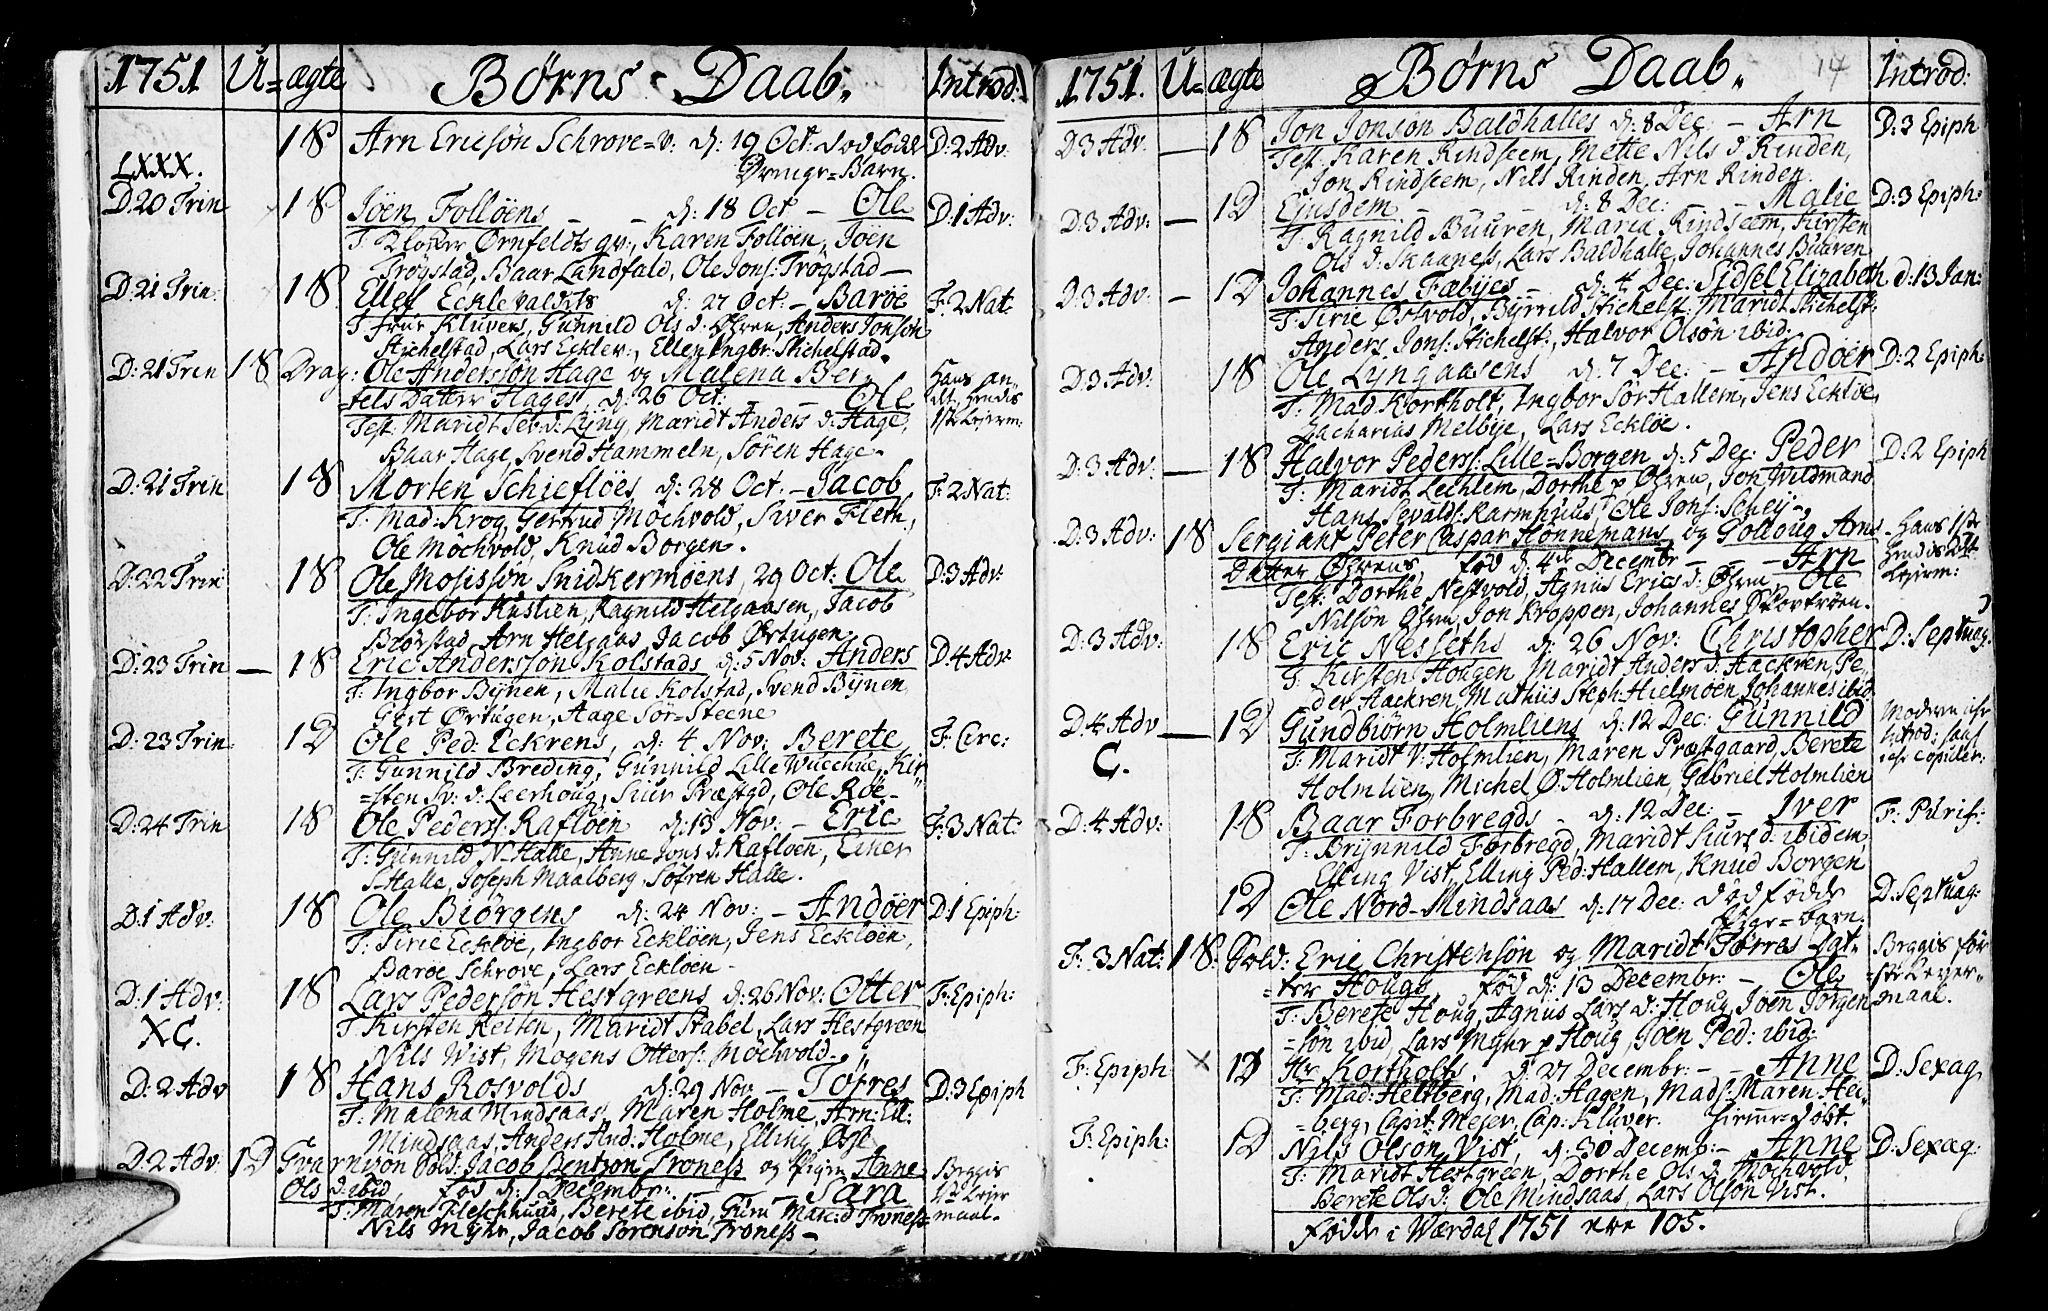 SAT, Ministerialprotokoller, klokkerbøker og fødselsregistre - Nord-Trøndelag, 723/L0231: Ministerialbok nr. 723A02, 1748-1780, s. 14